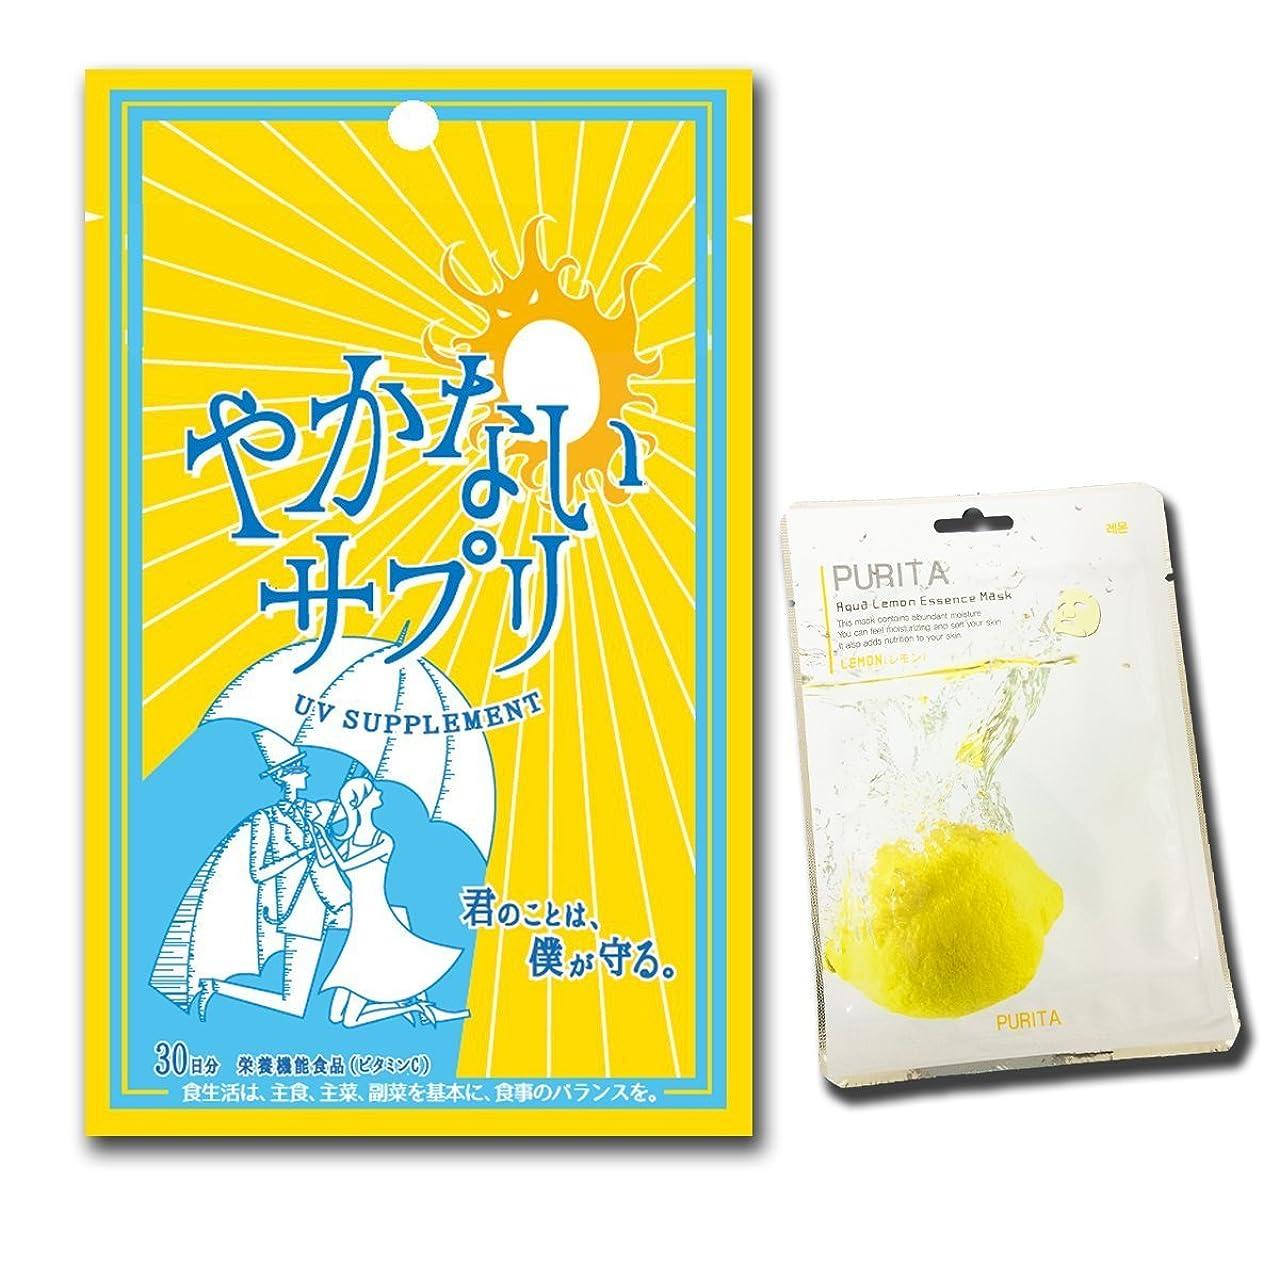 マルクス主義チョップ市町村飲む日焼け止め やかないサプリ 日本製 (30粒/30日分) PURITAフェイスマスク1枚付